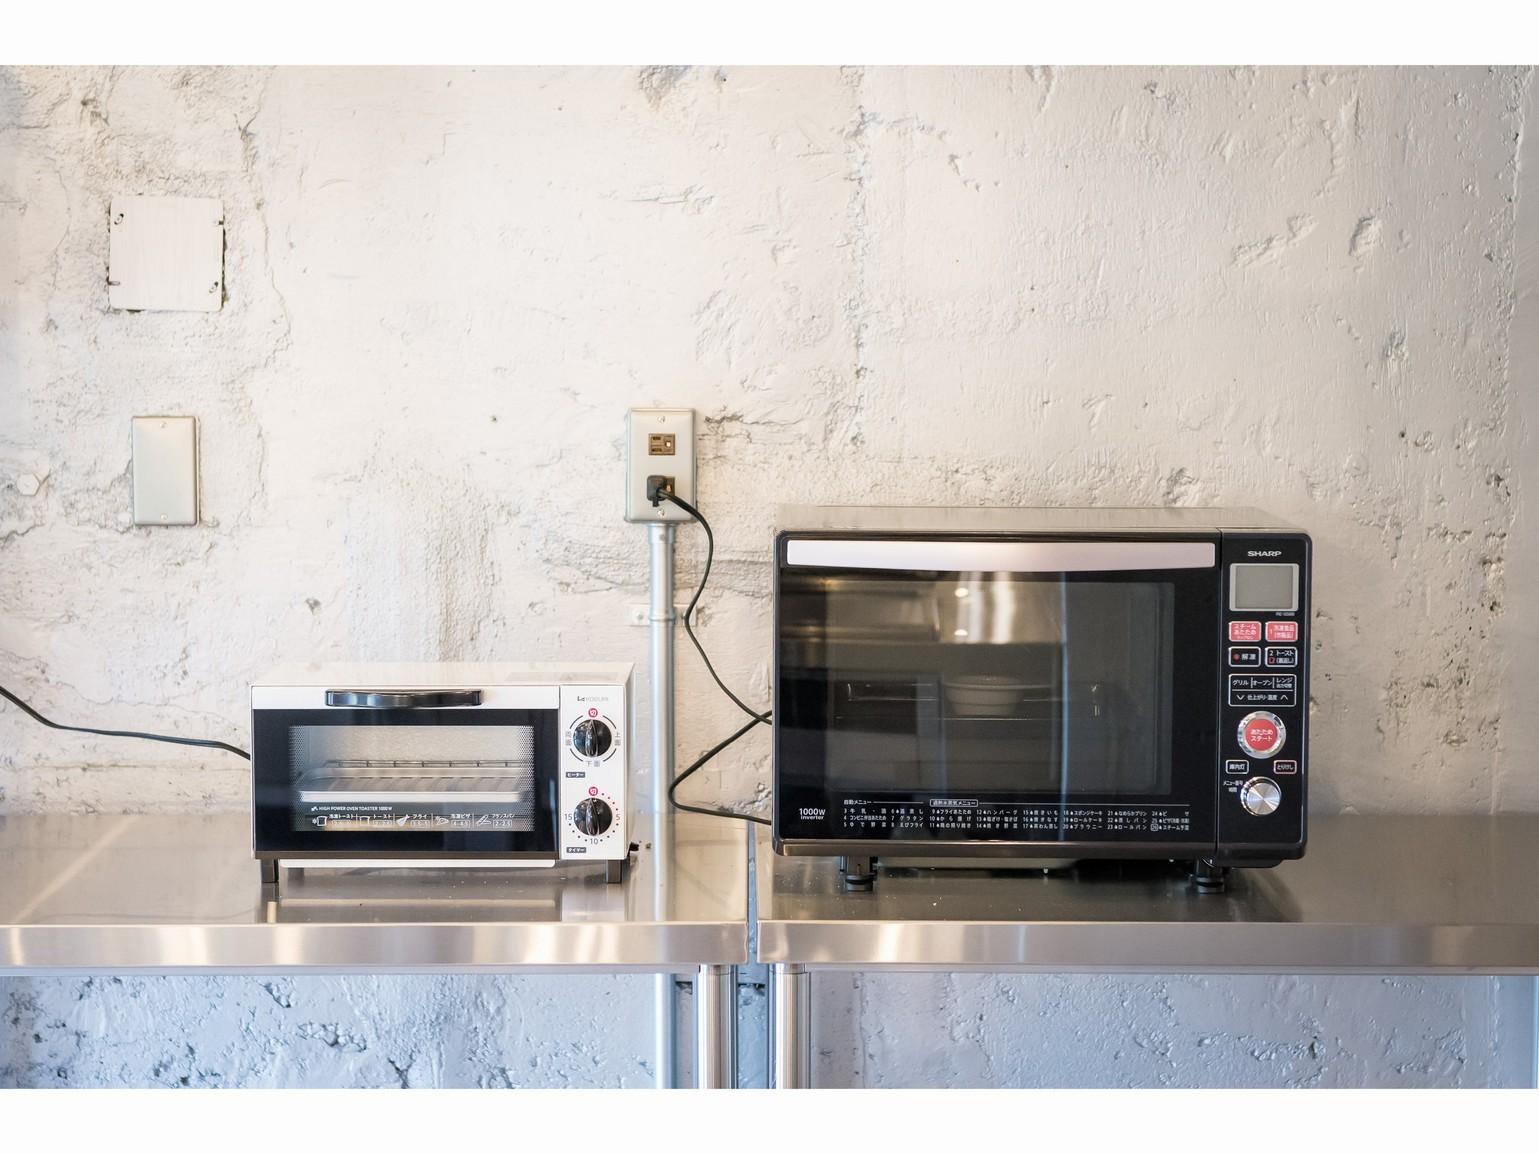 レンジ・トースター・炊飯器・冷蔵庫など各種調理機器&器具、調味料もございます。